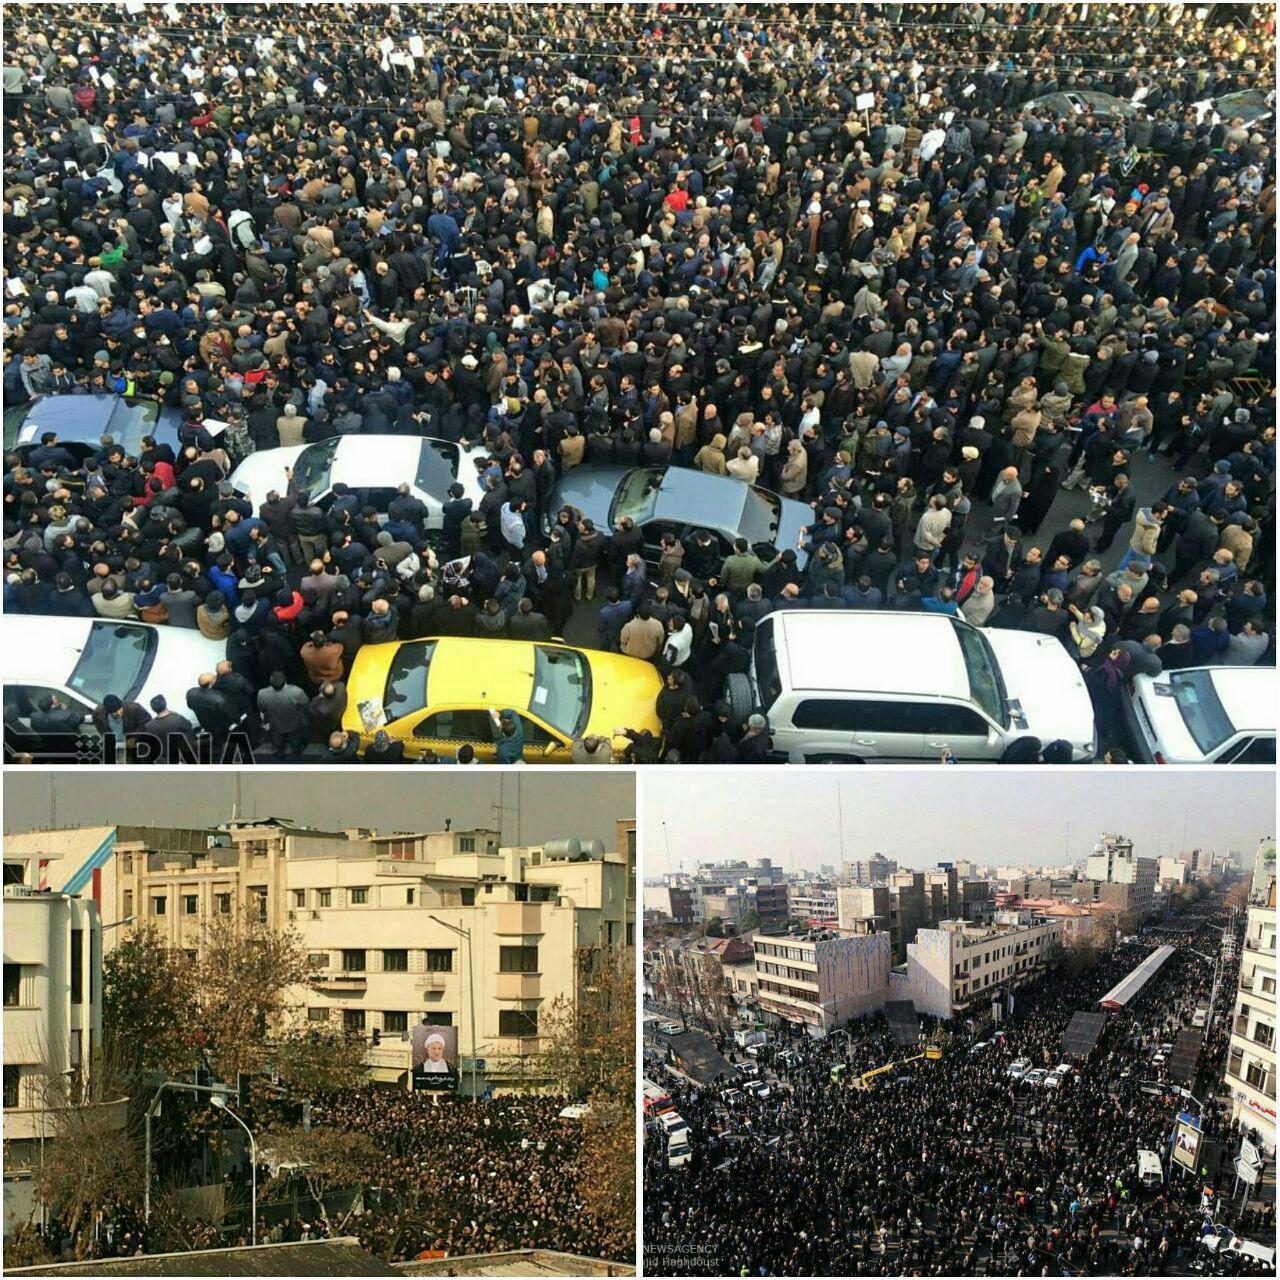 تصاویر هوایی از حضور مردم در مراسم هاشمی رفسنجانی + عکس